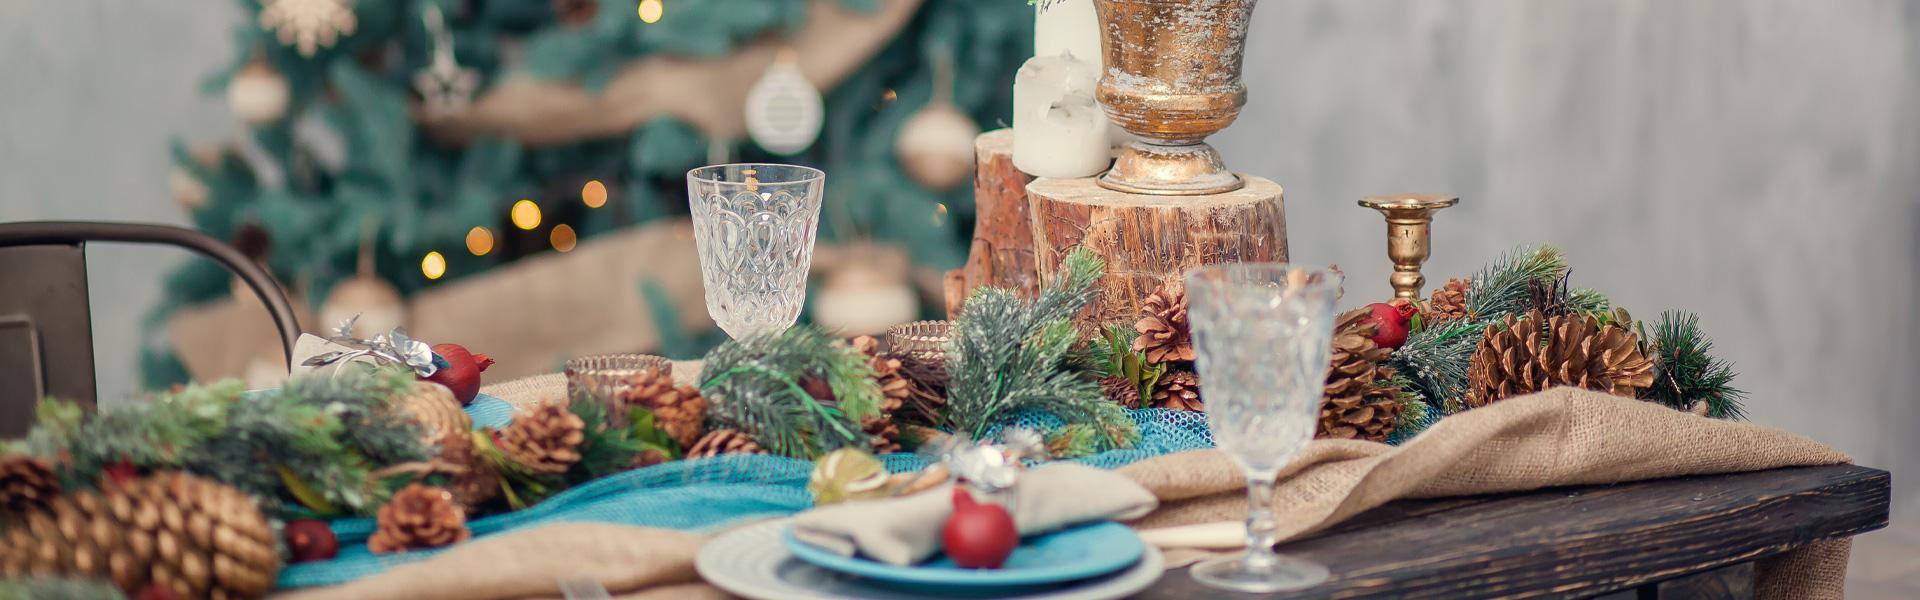 Caminos de mesa para decorar la mesa de Navidad